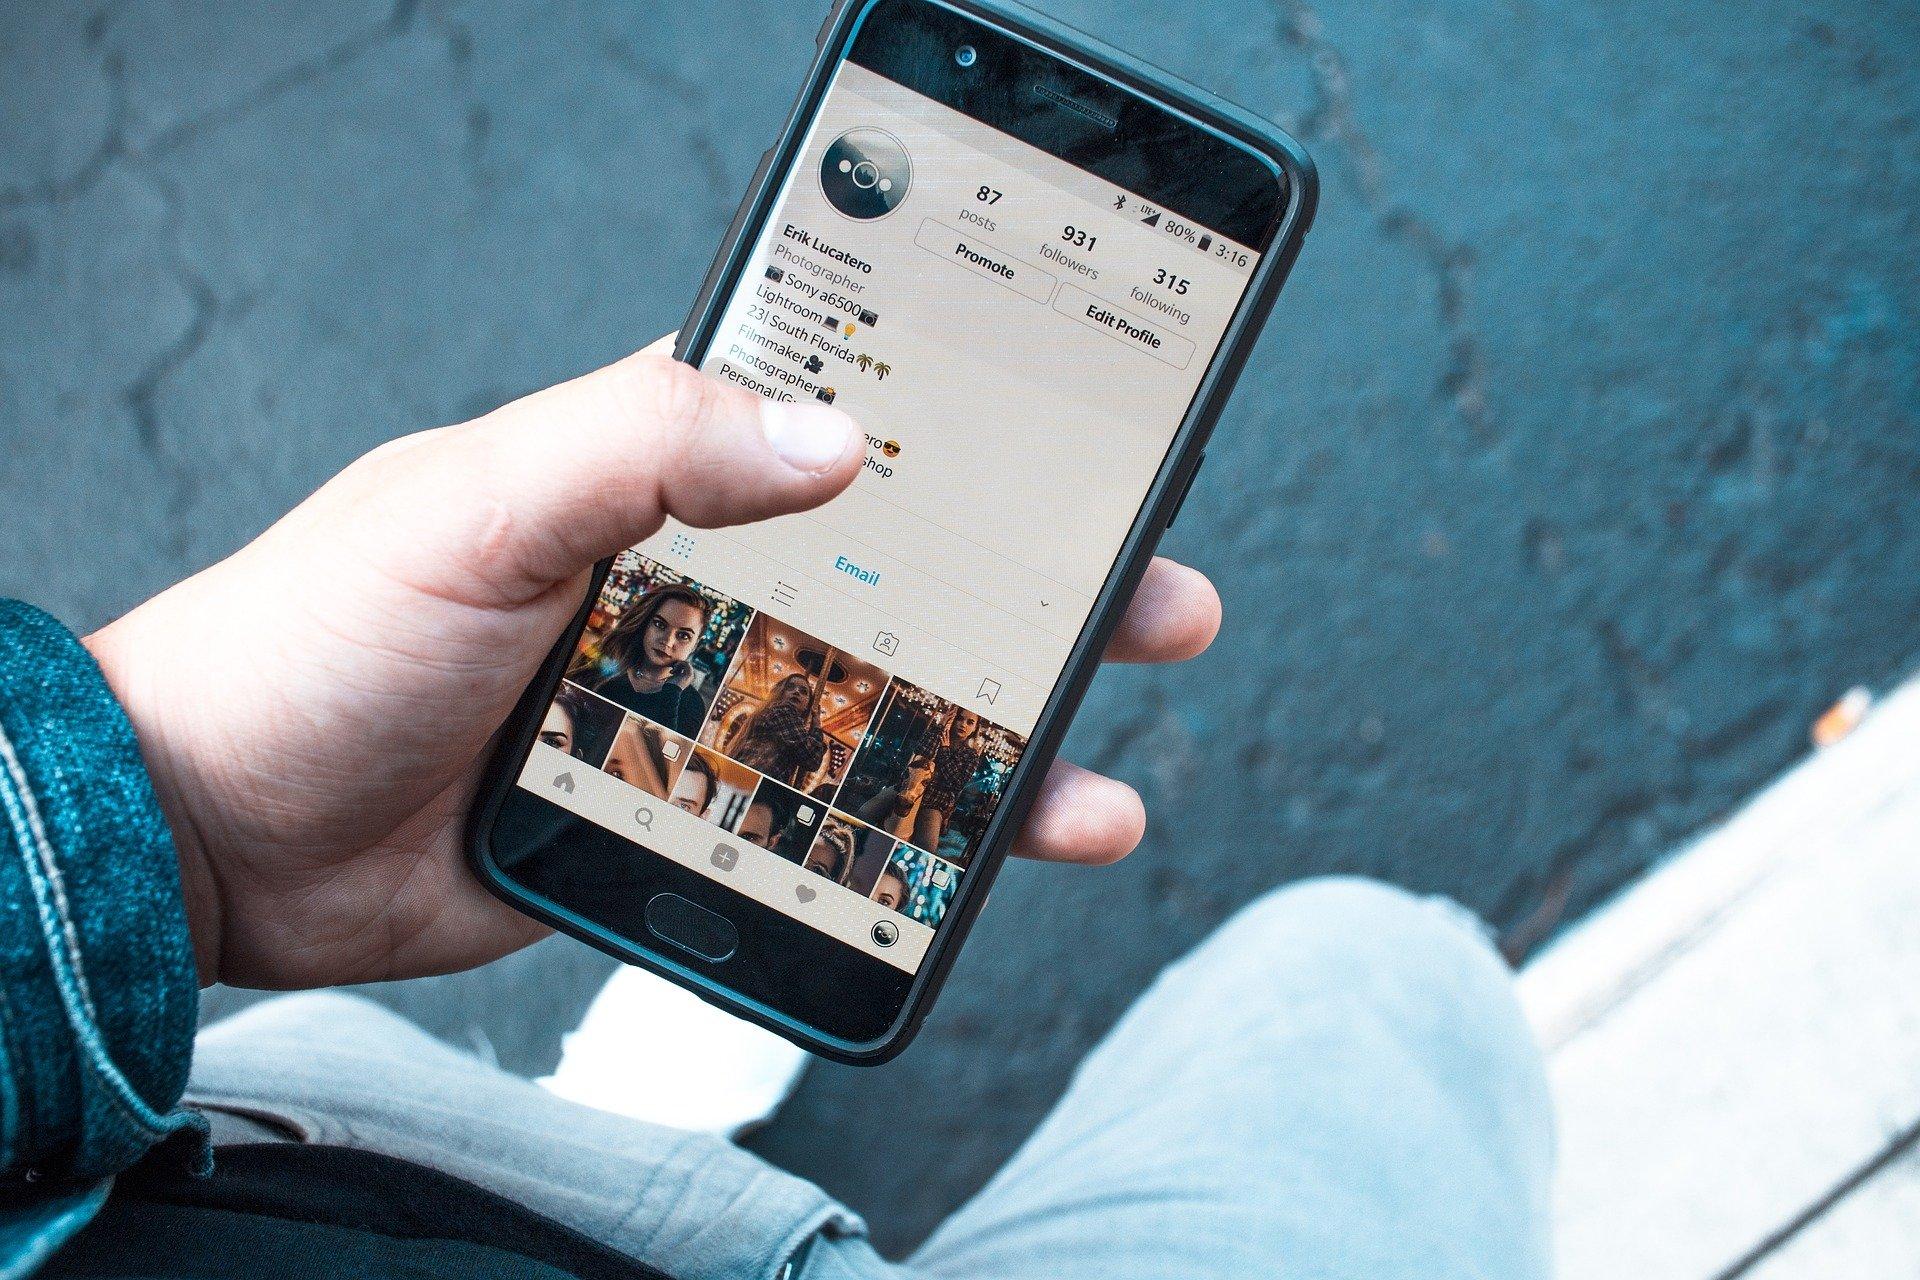 Virtual Hub – Social Media & Online Safety